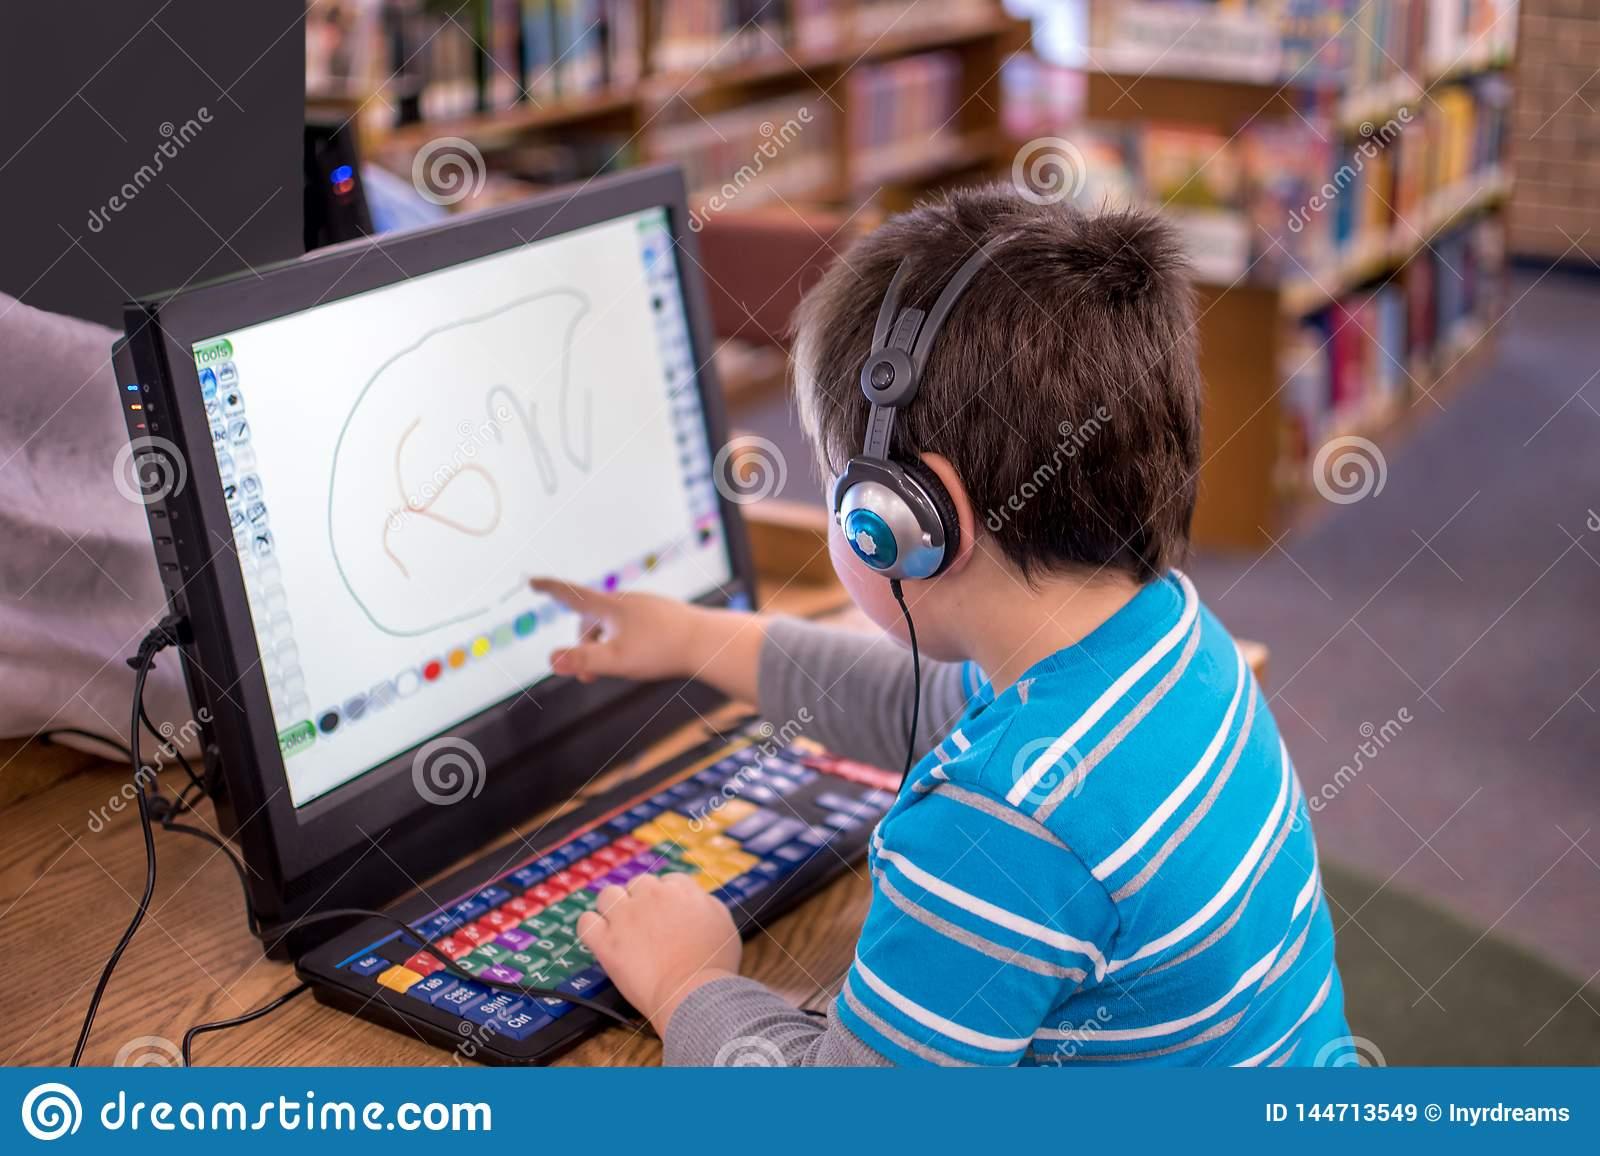 Un Enfant Travaille Un Jeu Interactif Sur Un Ordinateur intérieur Jeu Interactif Enfant